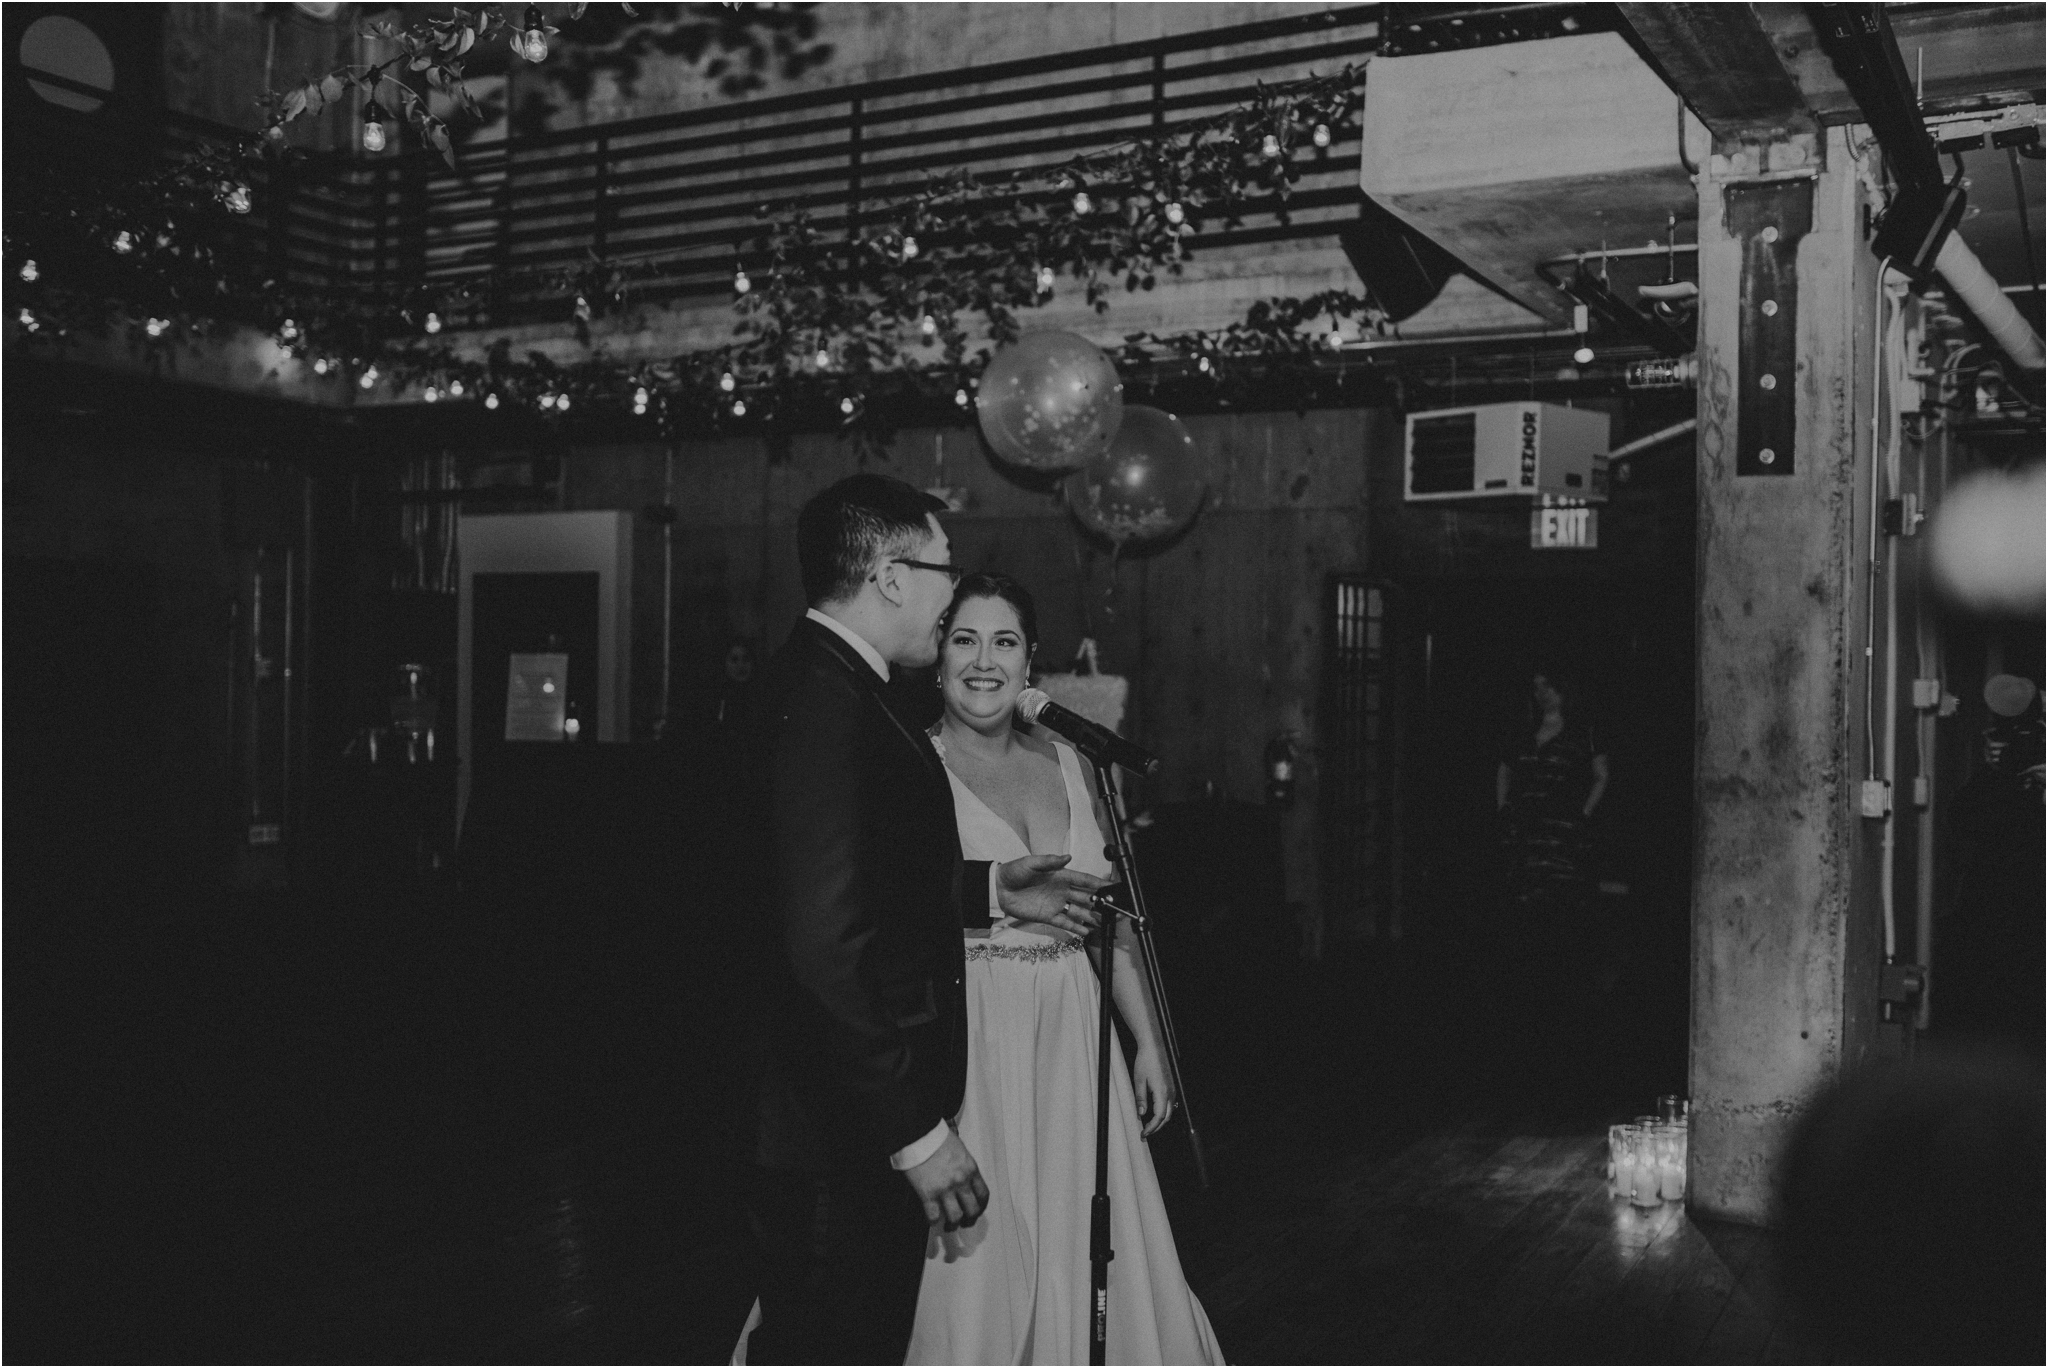 ashley-and-david-fremont-foundry-seattle-washington-wedding-photographer-124.jpg